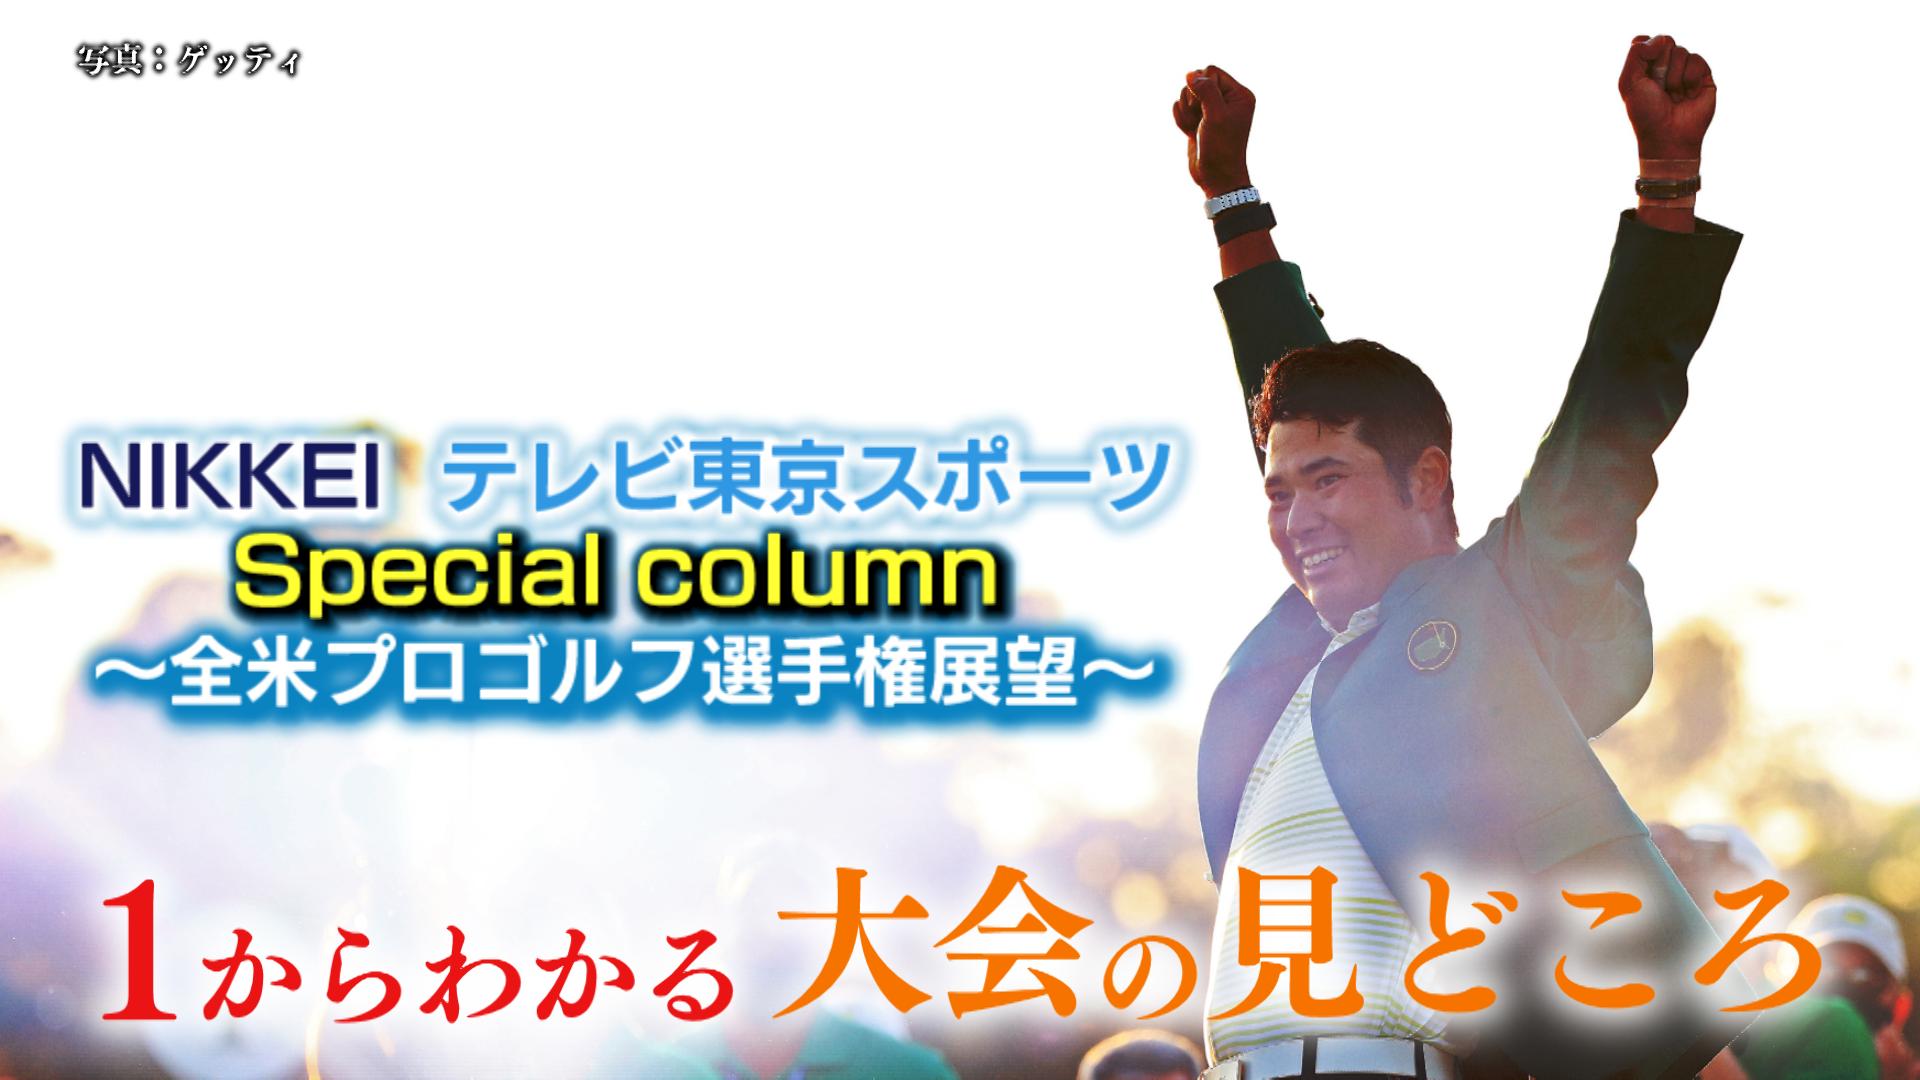 【全米プロゴルフ選手権】松山英樹 メジャー連勝への鍵|NIKKEI テレビ東京スポーツ Special Column